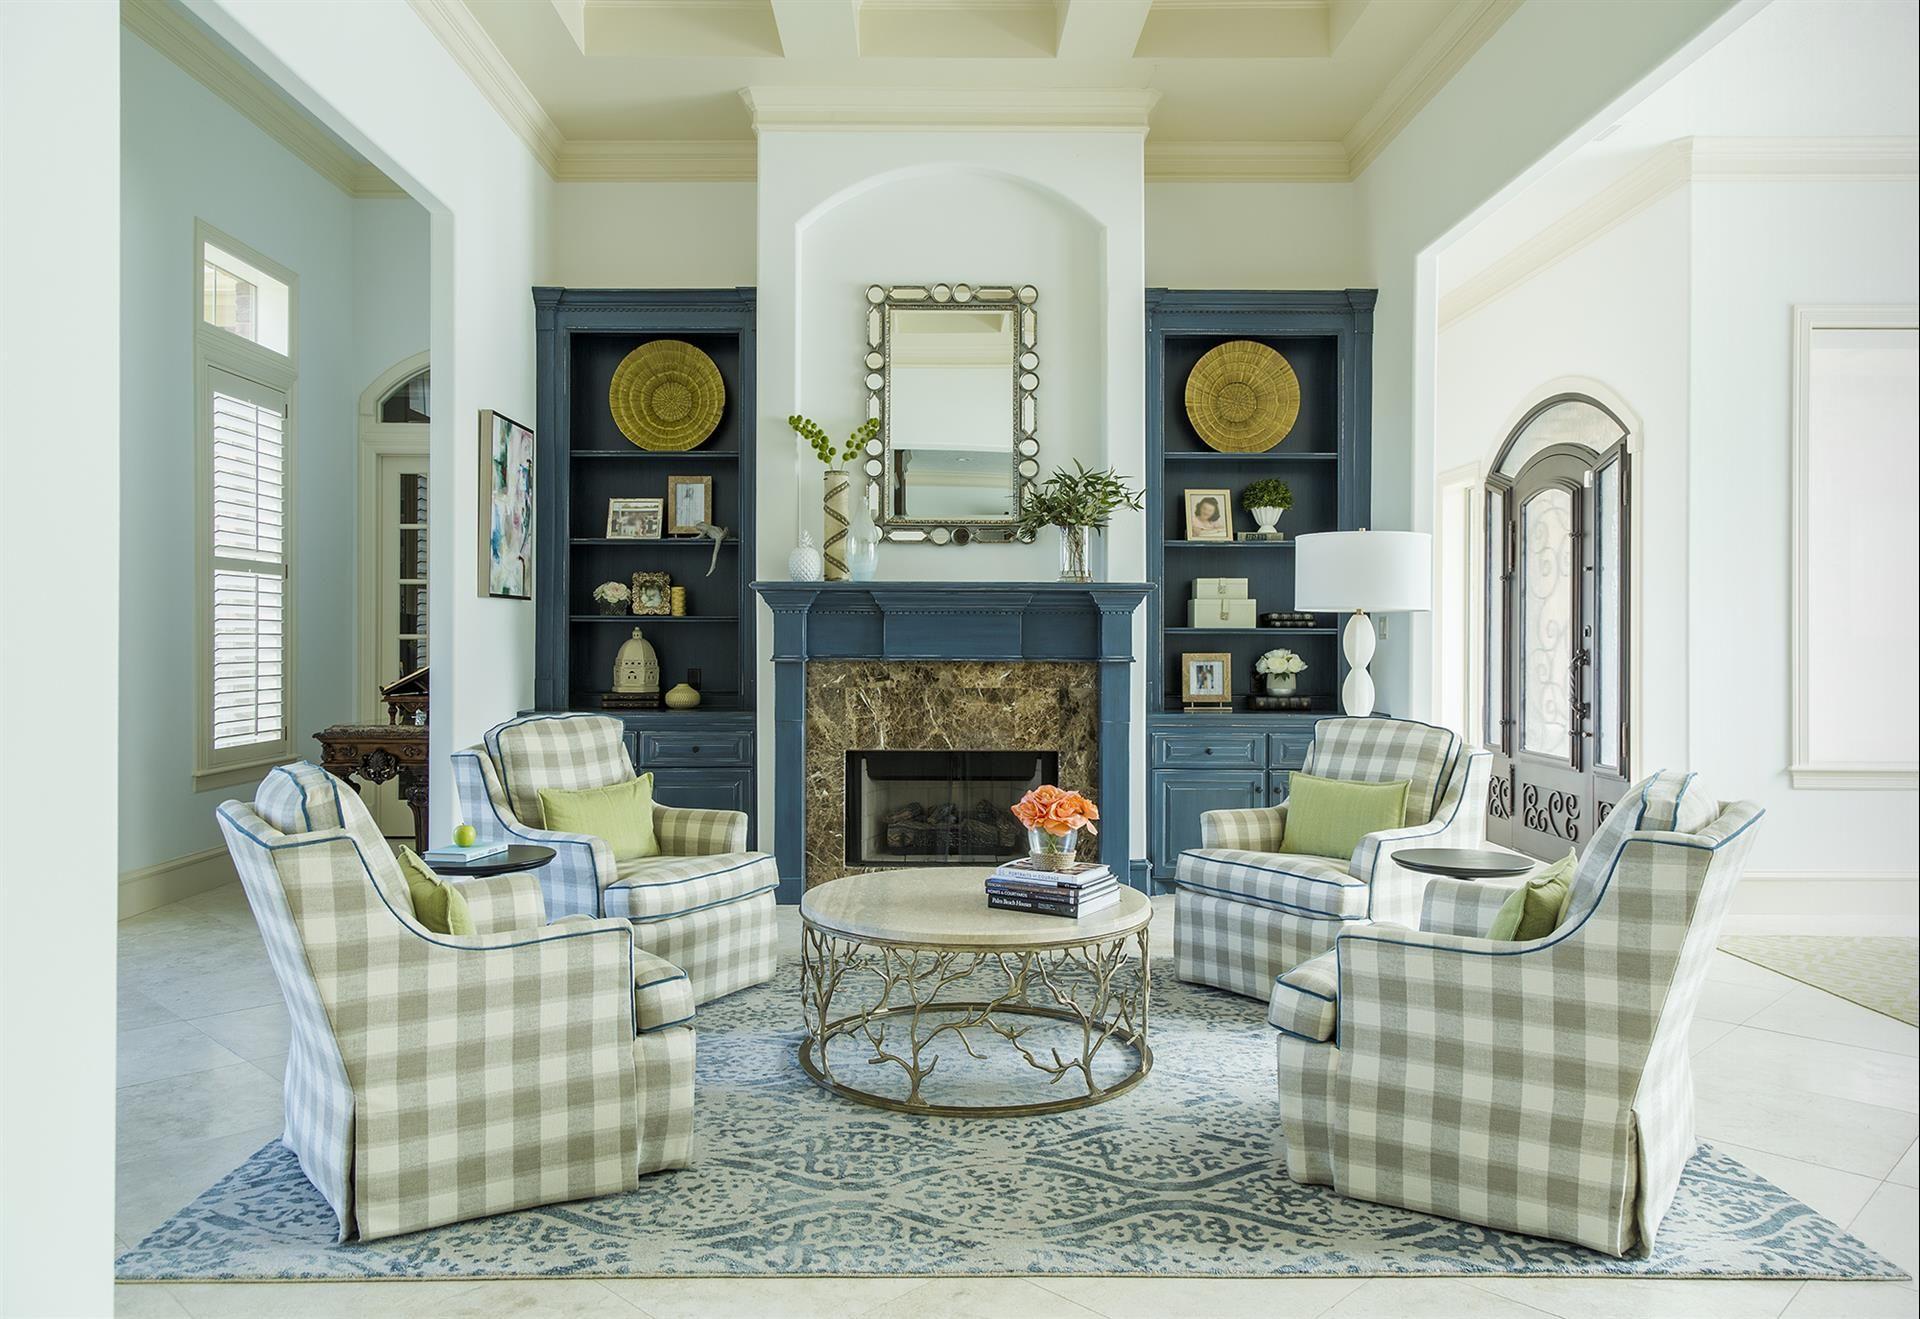 Google Image Result For Http Www Bydesigninteriors Com Websites Bydesigninteriors Images Houston Interior Designers Interior Design Top Interior Design Firms